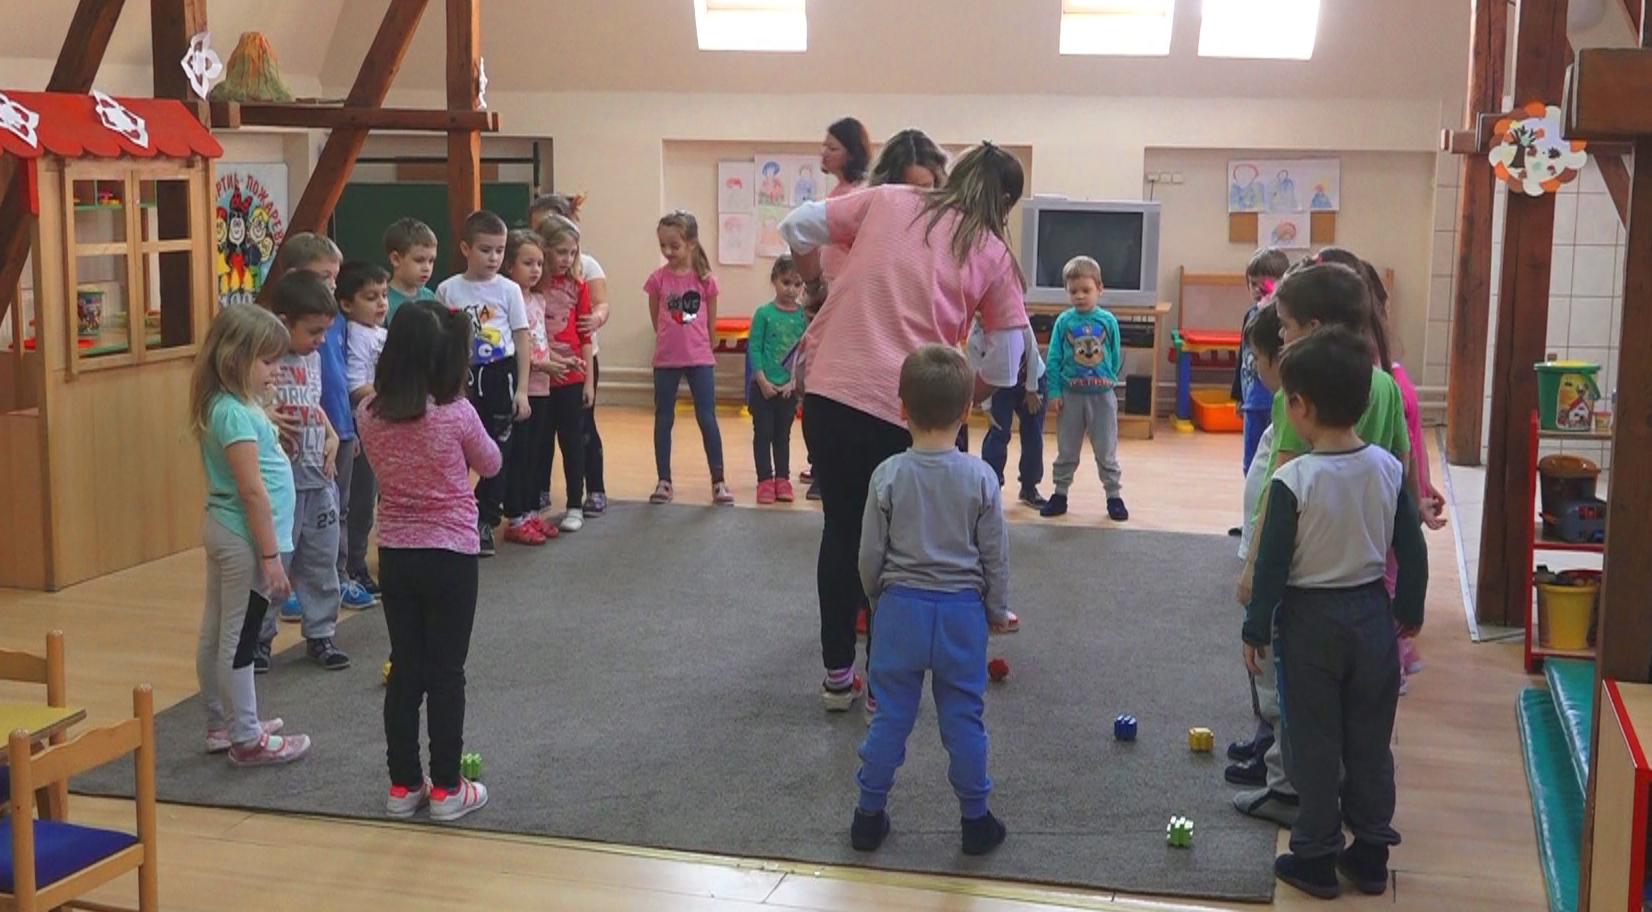 Predškolskim ustanovama neophodna uputstva - Samostalni sindikat predškolskog vaspitanja i obrazovanja Srbije 39144